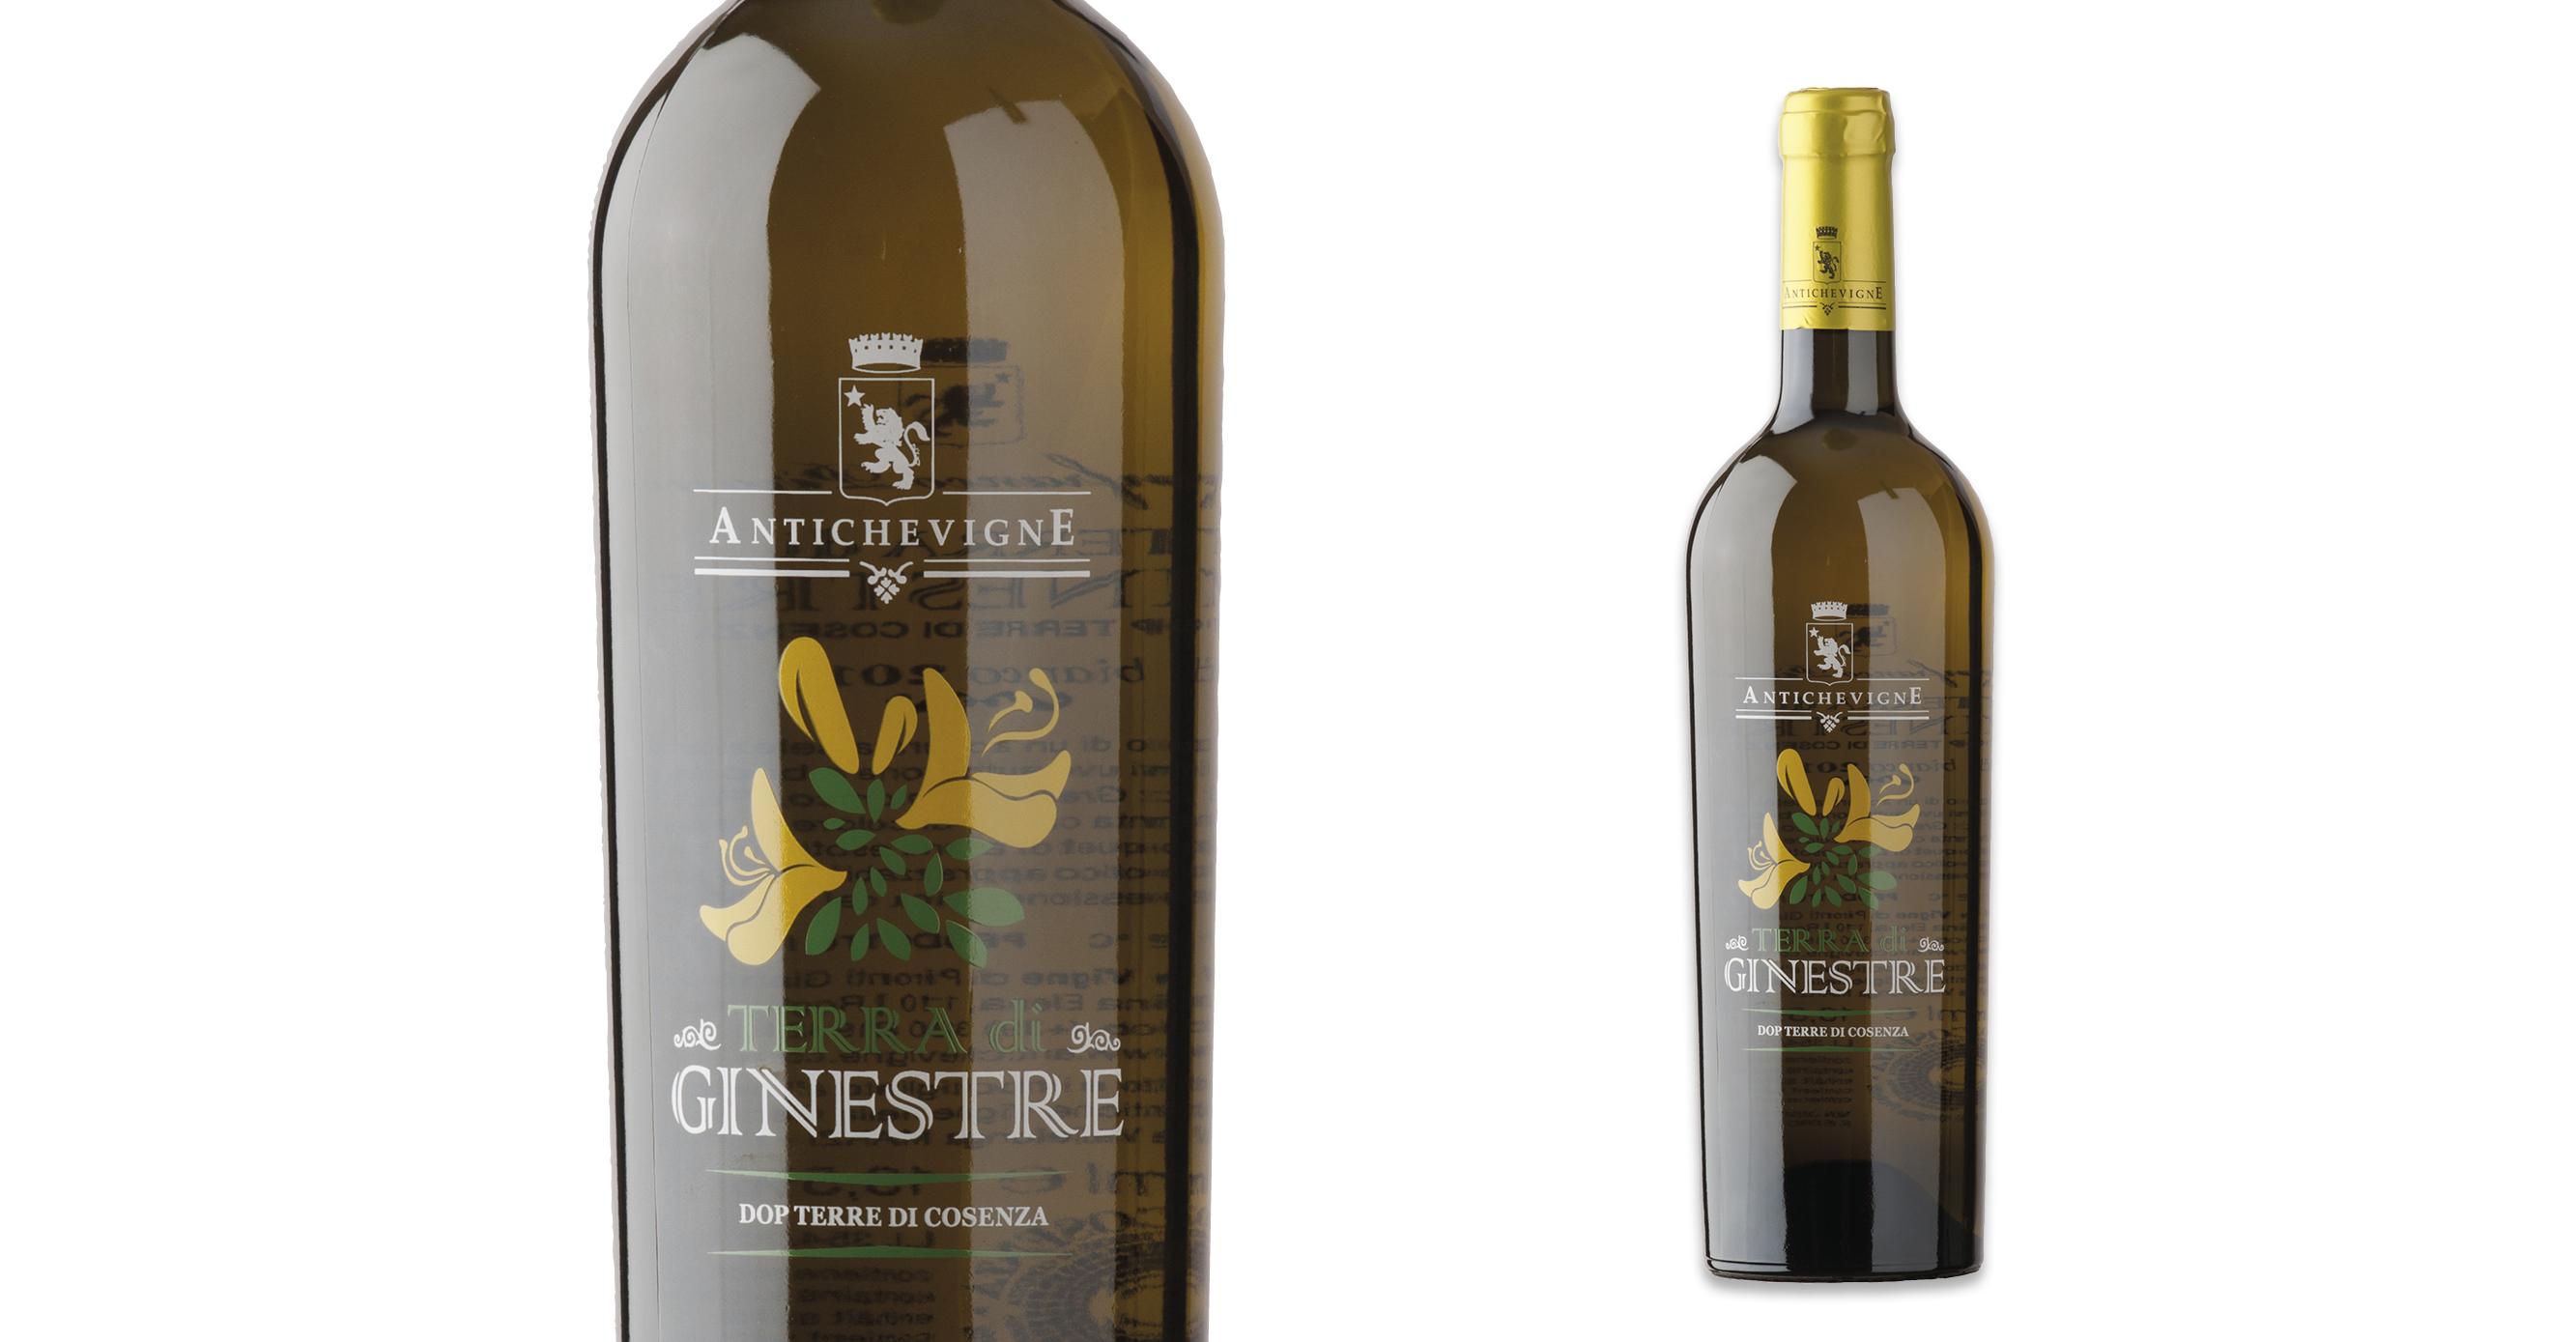 Terra di ginestre grafica vino